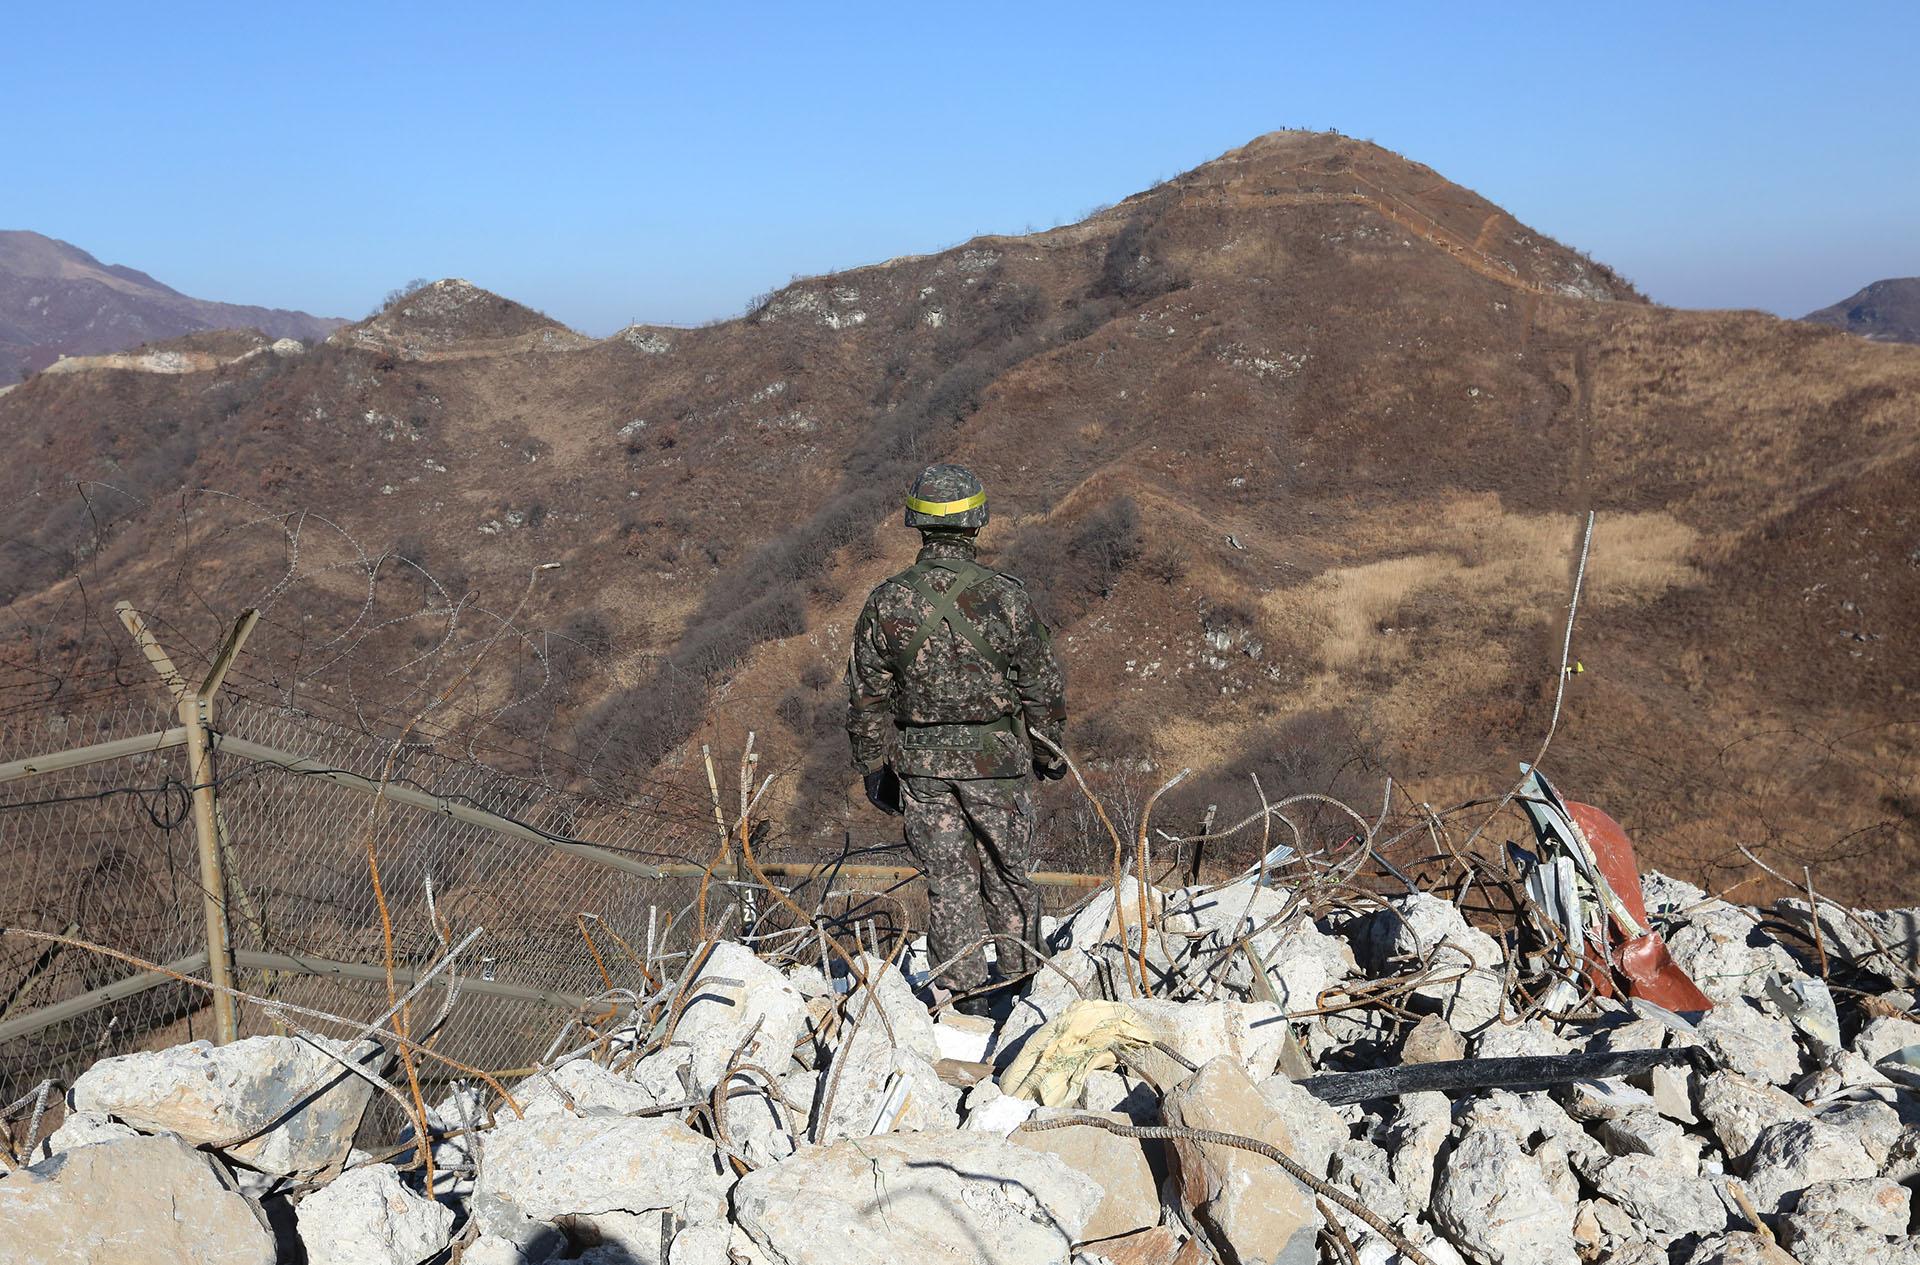 Un soldado del ejército surcoreano hace guardia en el puesto fronterizo desmantelado dentro de la Zona Desmilitarizada (DMZ) en la sección central de la frontera intercoreana en Cheorwon, Corea del Sur, el 12 de diciembre de 2018. (AFP)